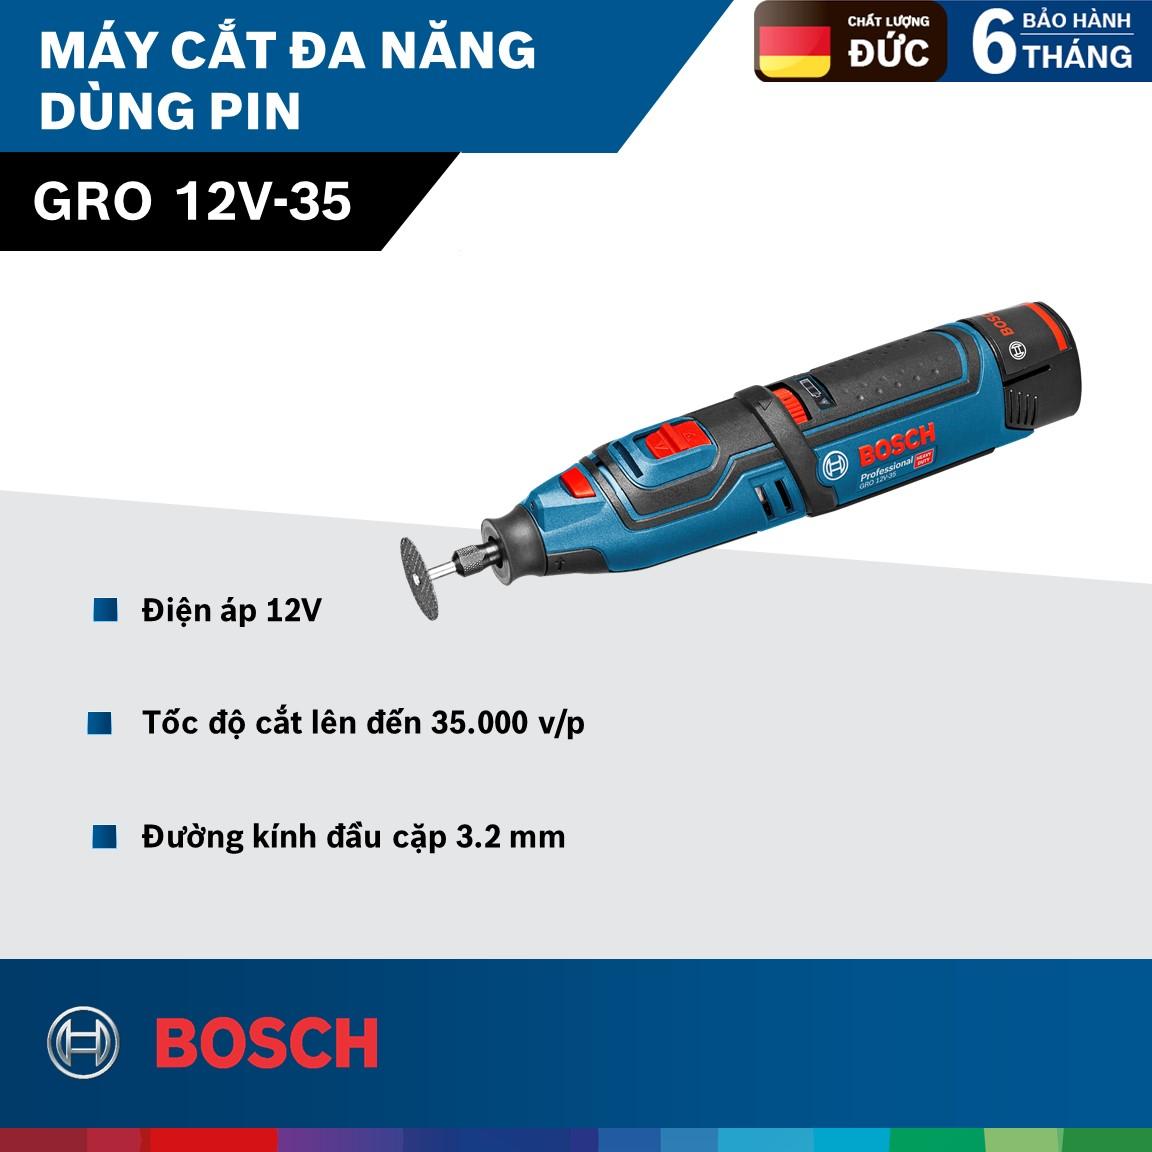 Máy cắt đa năng dùng pin GRO 12V-35 ( không pin, sạc )